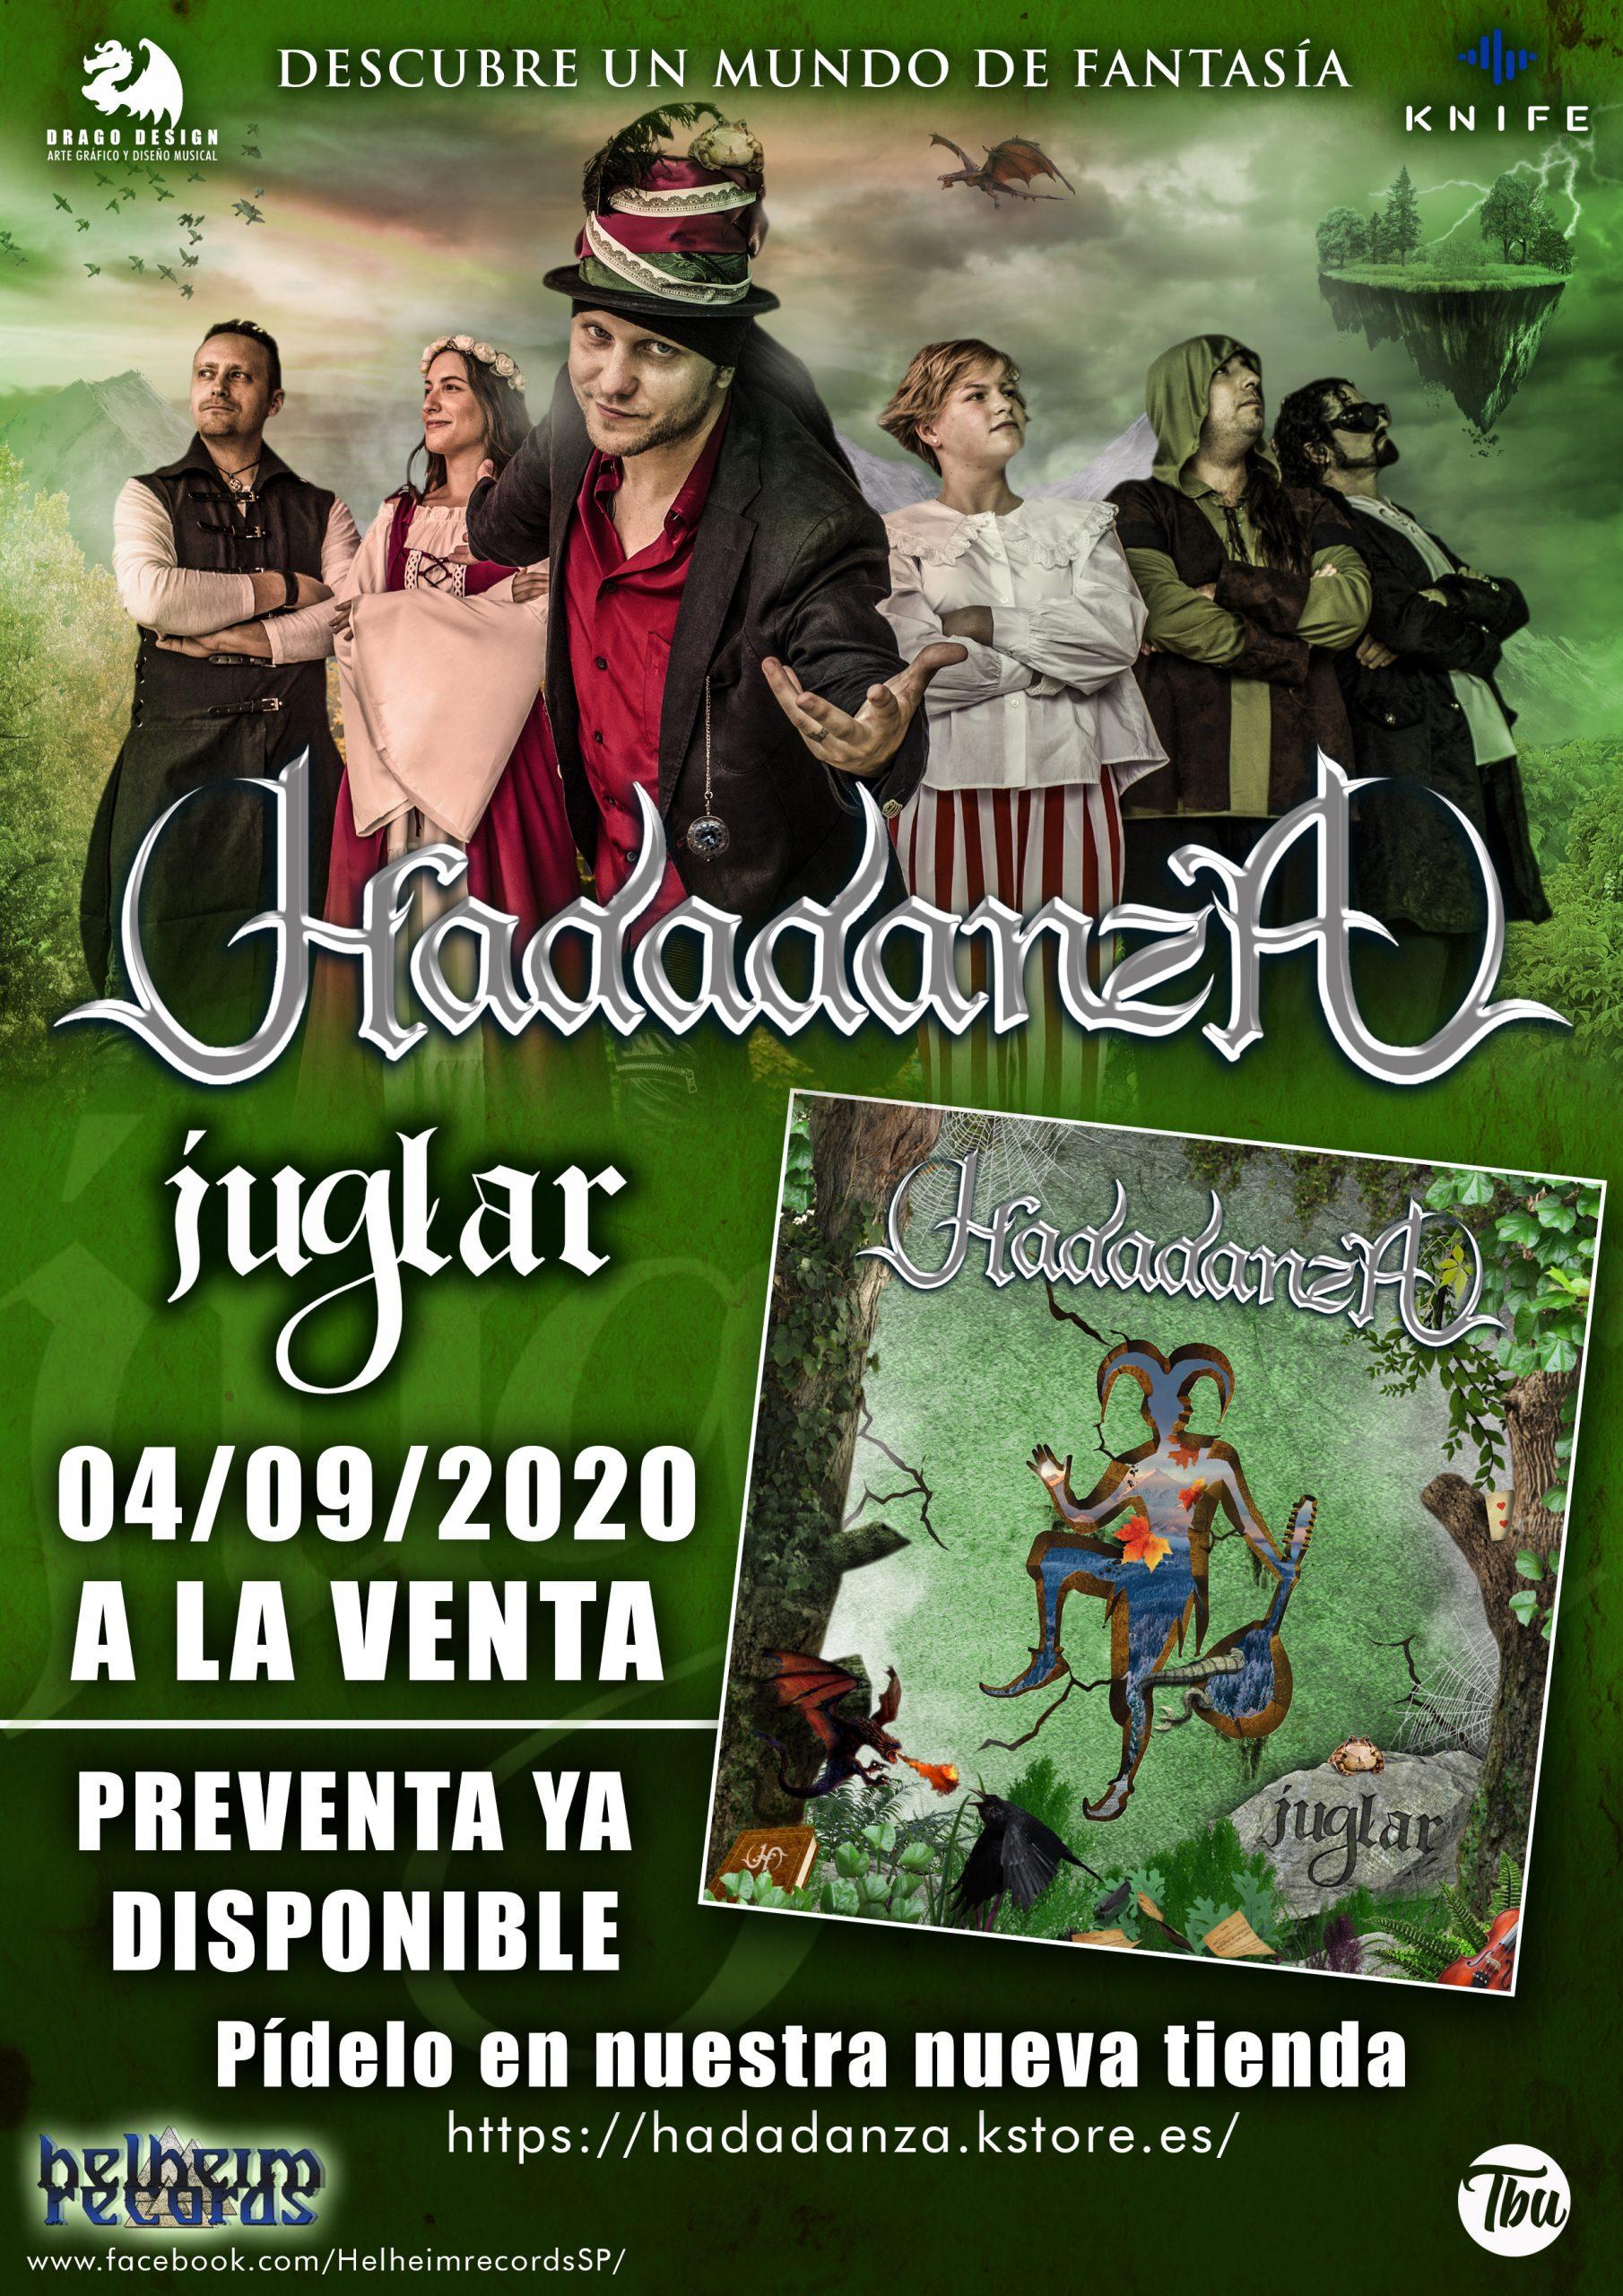 FOLK METAL ROCK - 4 DE SEPTIEMBRE ¡»JUGLAR» A LA VENTA!